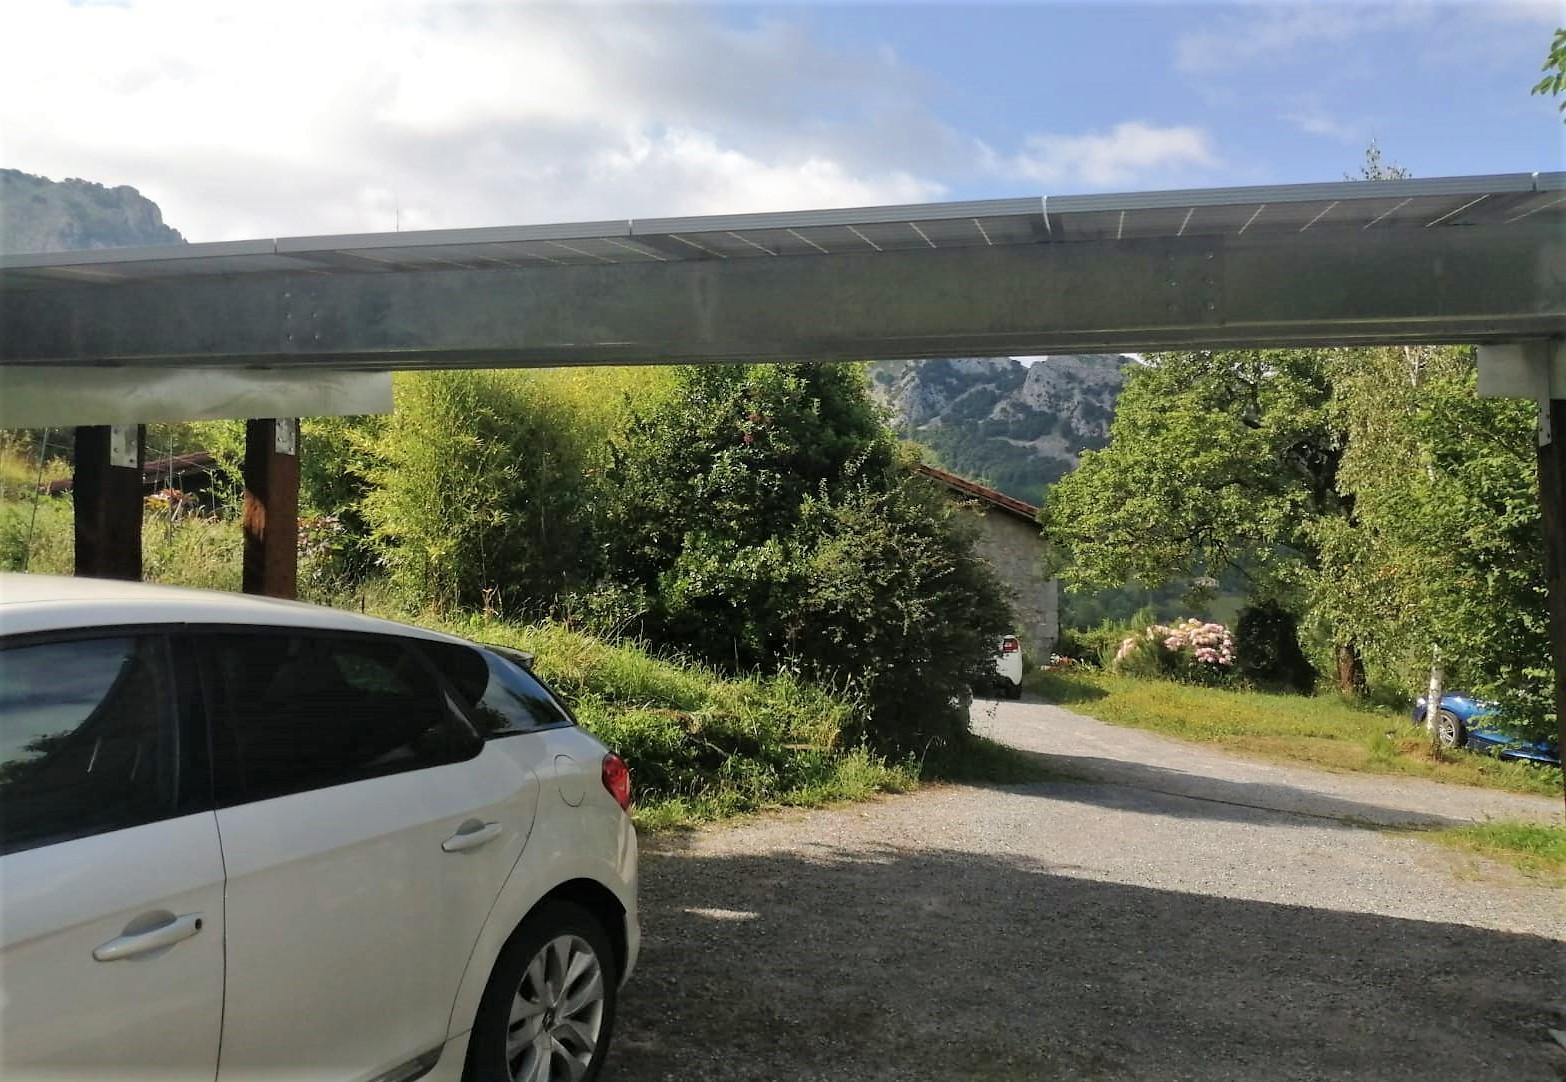 Pérgola Fotovoltaica de Autoconsumo en el Caserío Larra. Mañaria